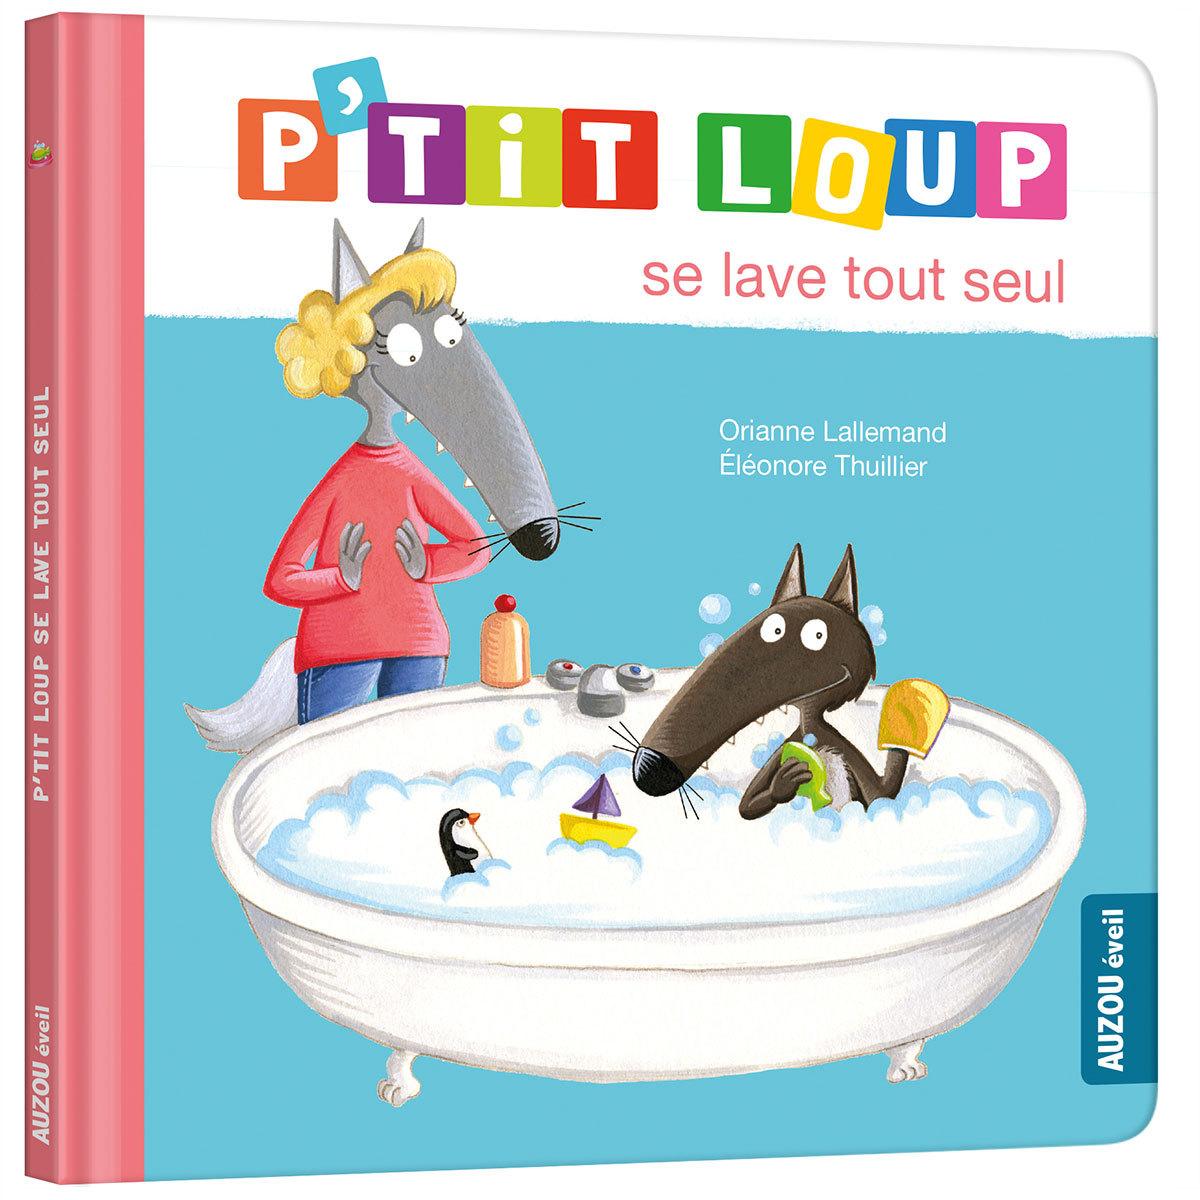 Livre & Carte P'tit Loup se lave tout seul P'tit Loup se lave tout seul